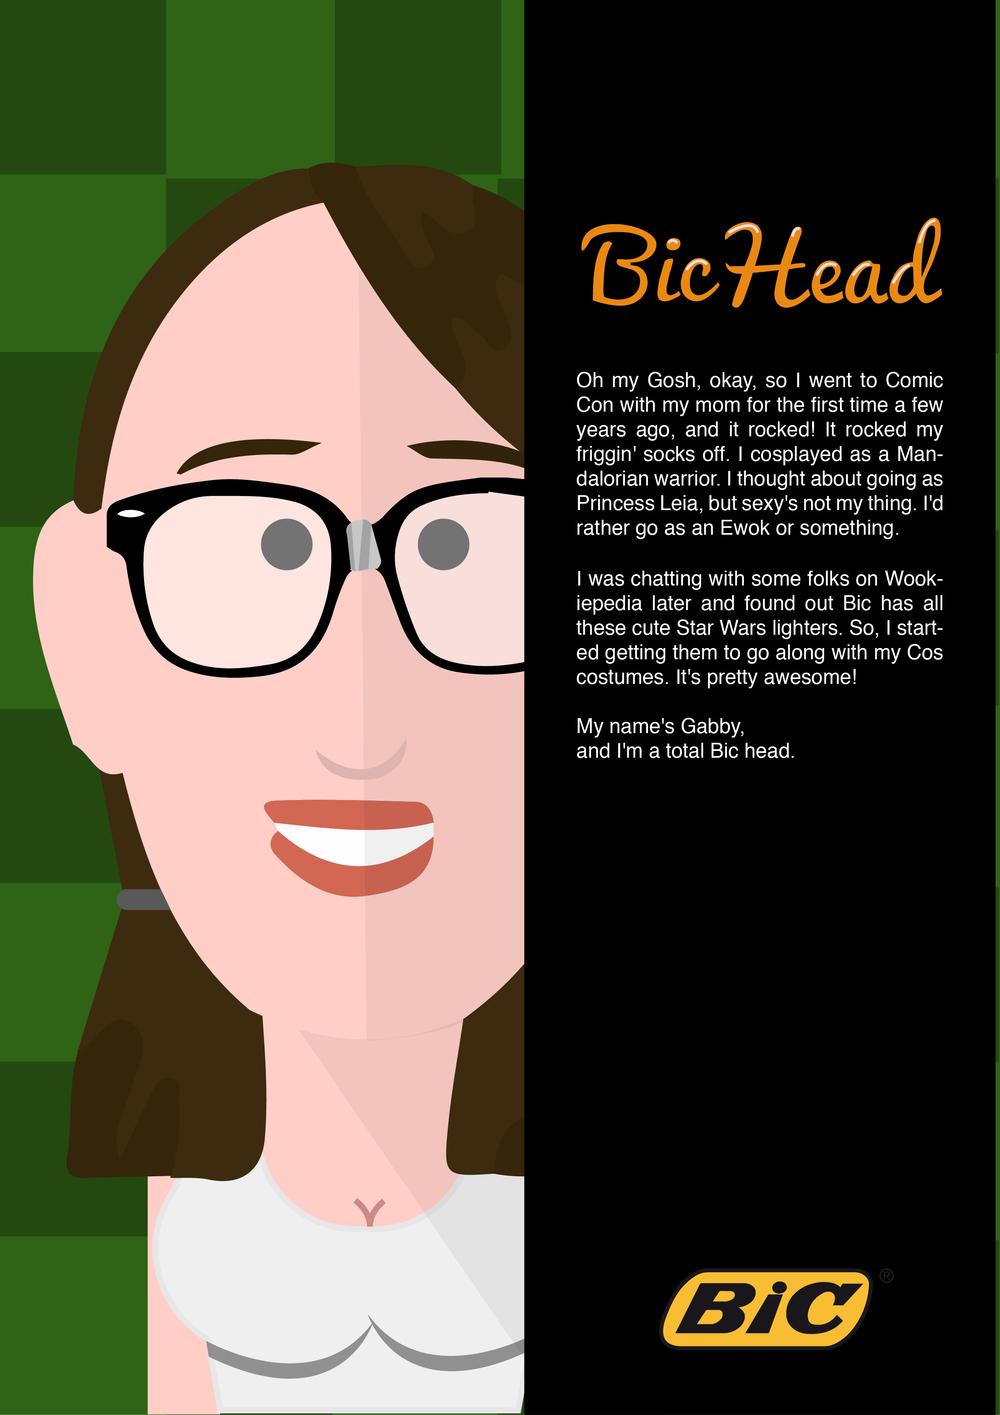 Bic_head-09.jpg